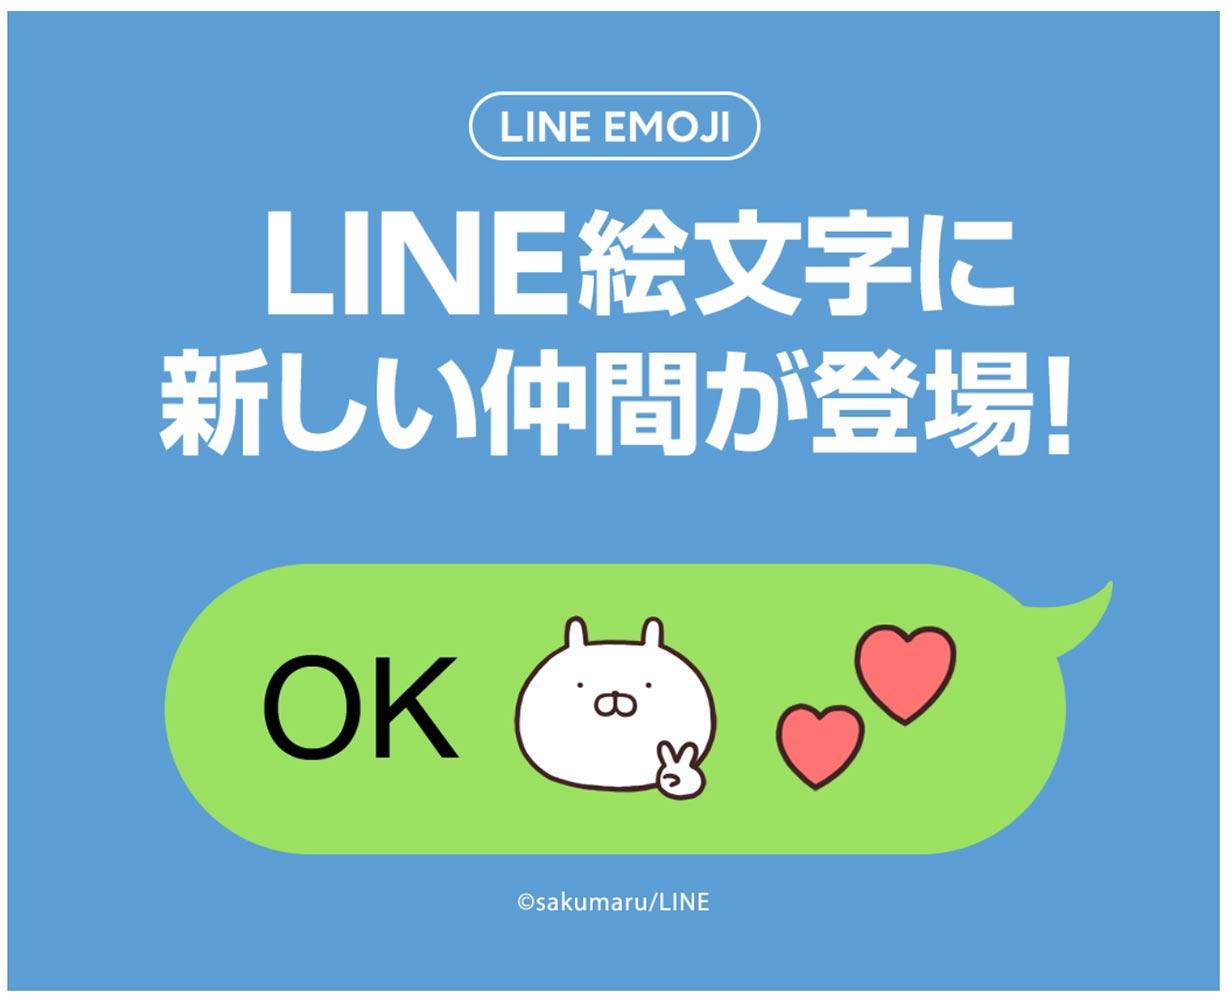 """LINE、人気キャラクターが""""絵文字""""になった「LINE絵文字」の販売開始 ― 第一弾はミッキーやうさまるなど5シリーズ計200種類"""